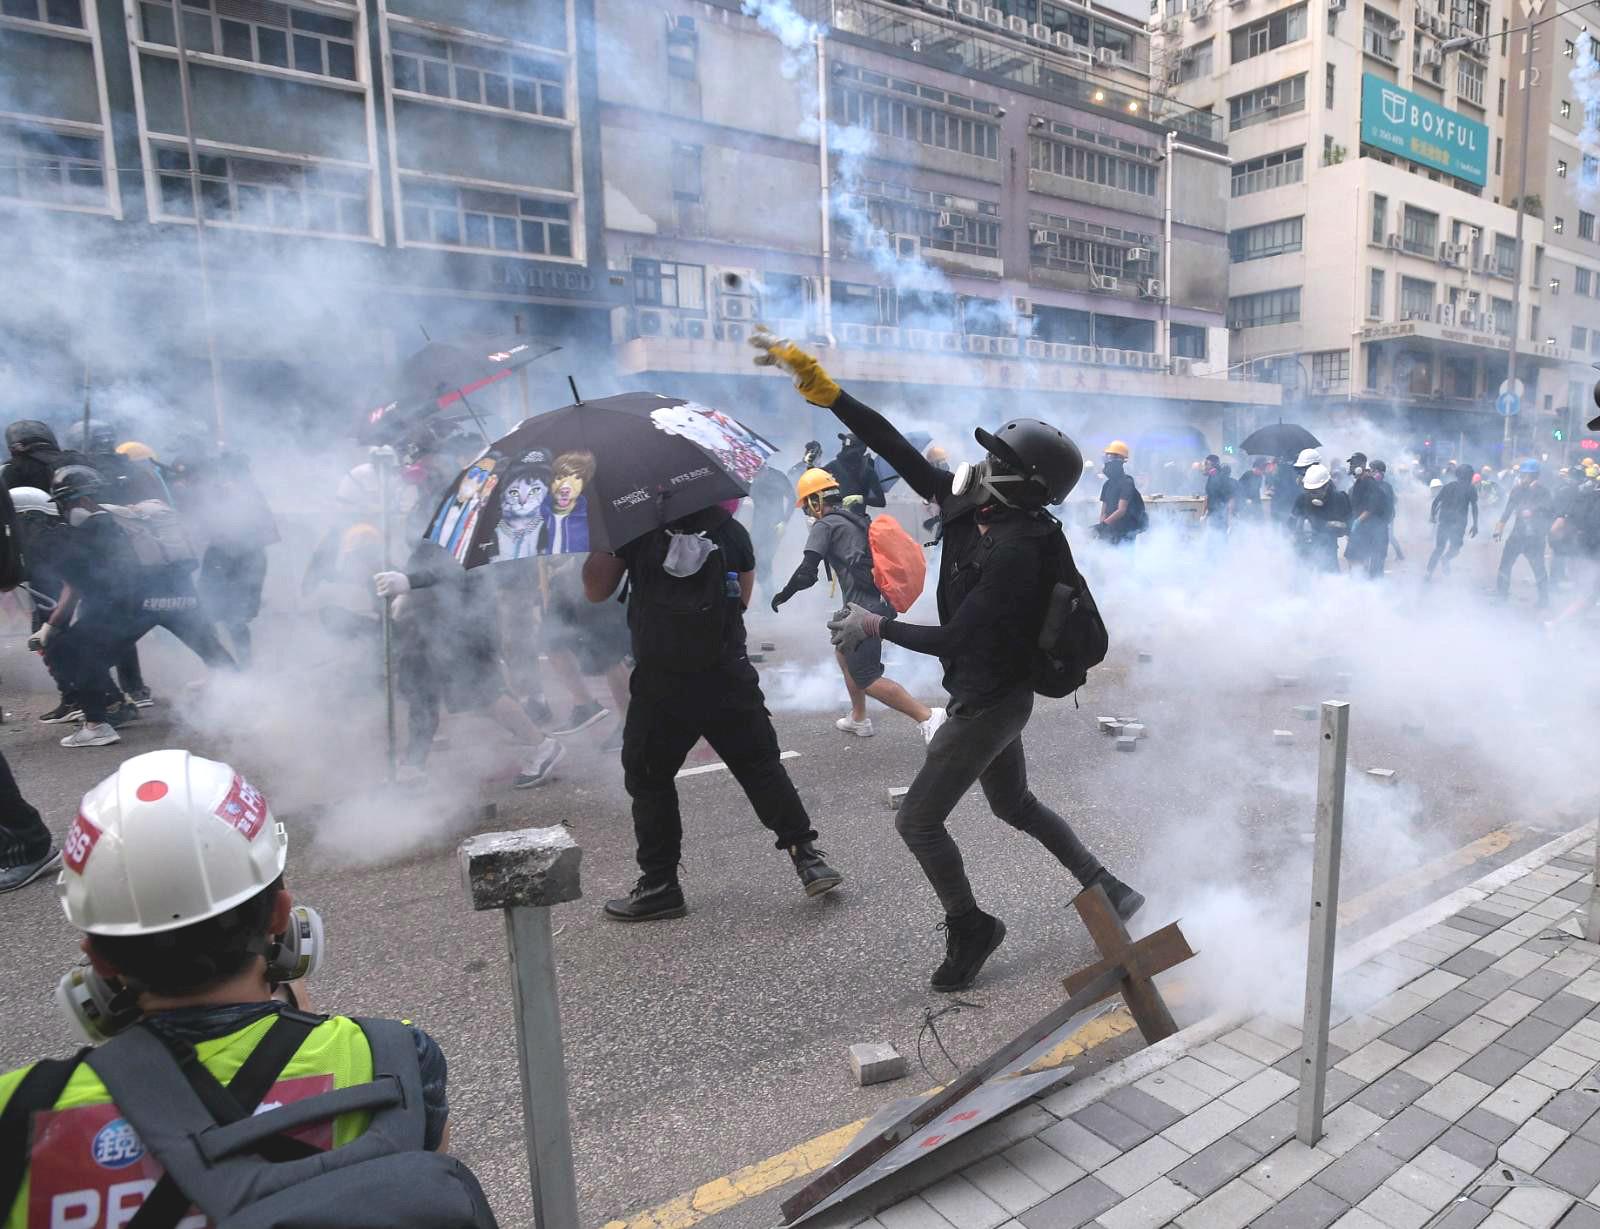 港澳研究會會員聯署指外部勢力利用香港暴亂遏制中國。資料圖片